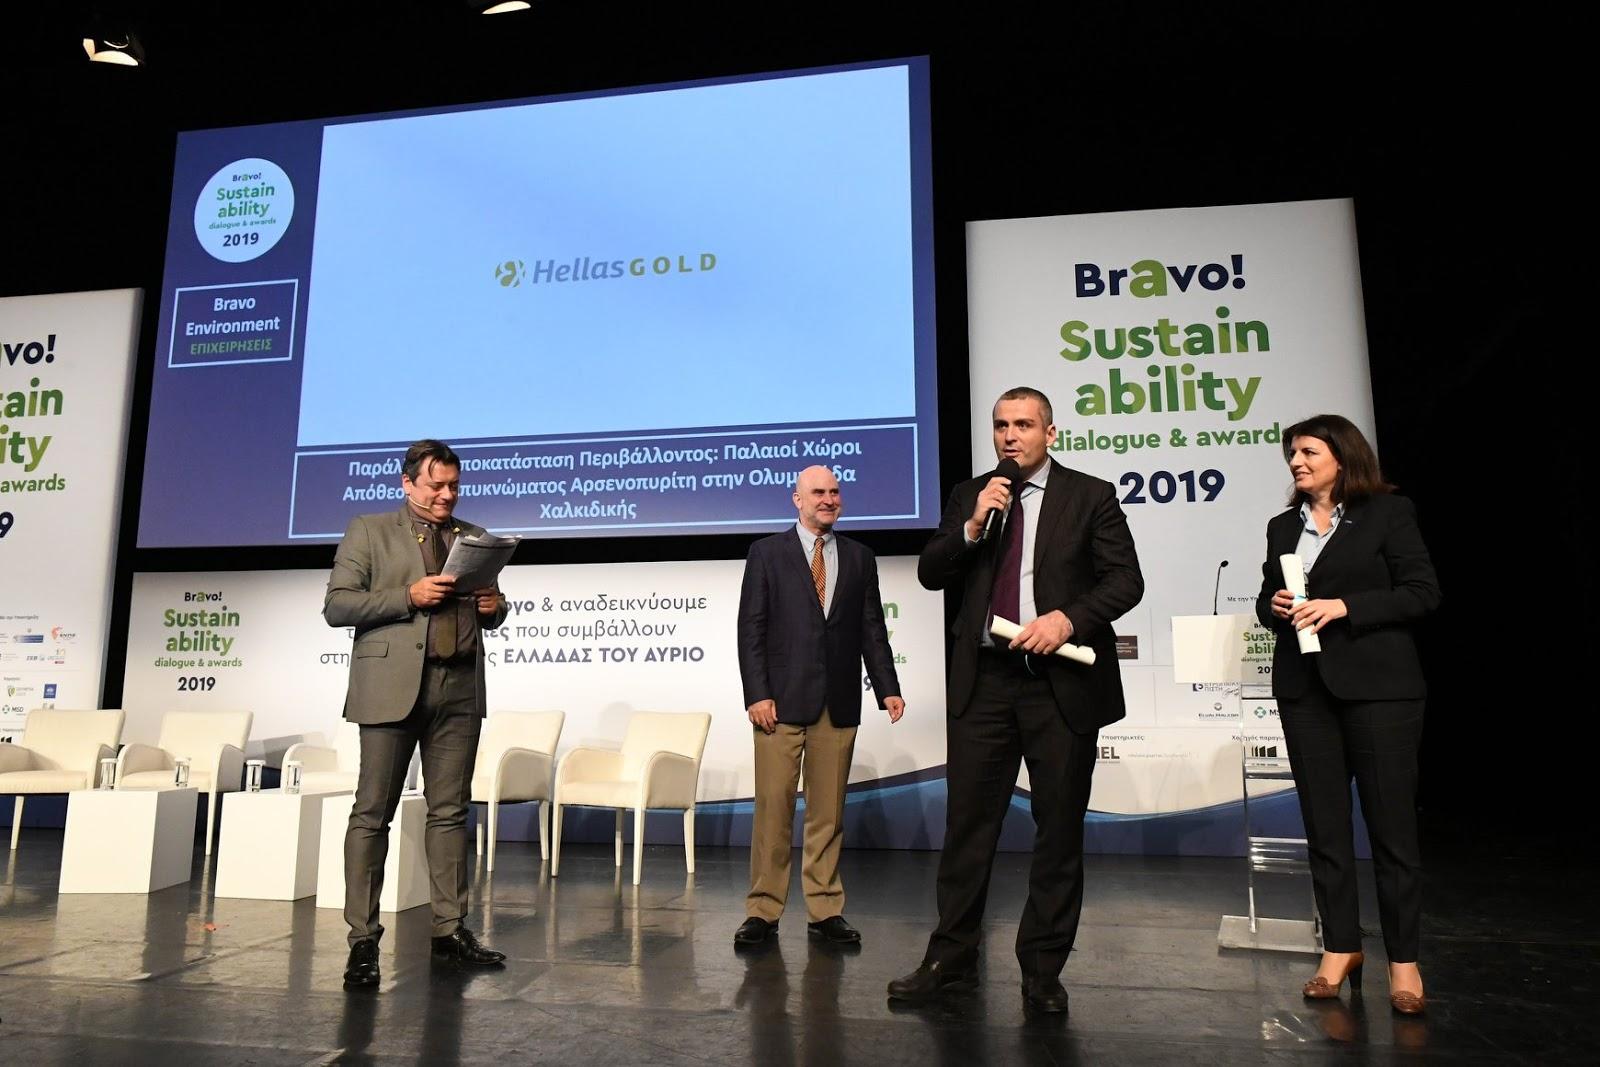 Διάκριση για το «Πρόγραμμα Περιβαλλοντικής Αποκατάστασης» της Ελληνικός Χρυσός στα BRAVO 2019 Sustainability Awards